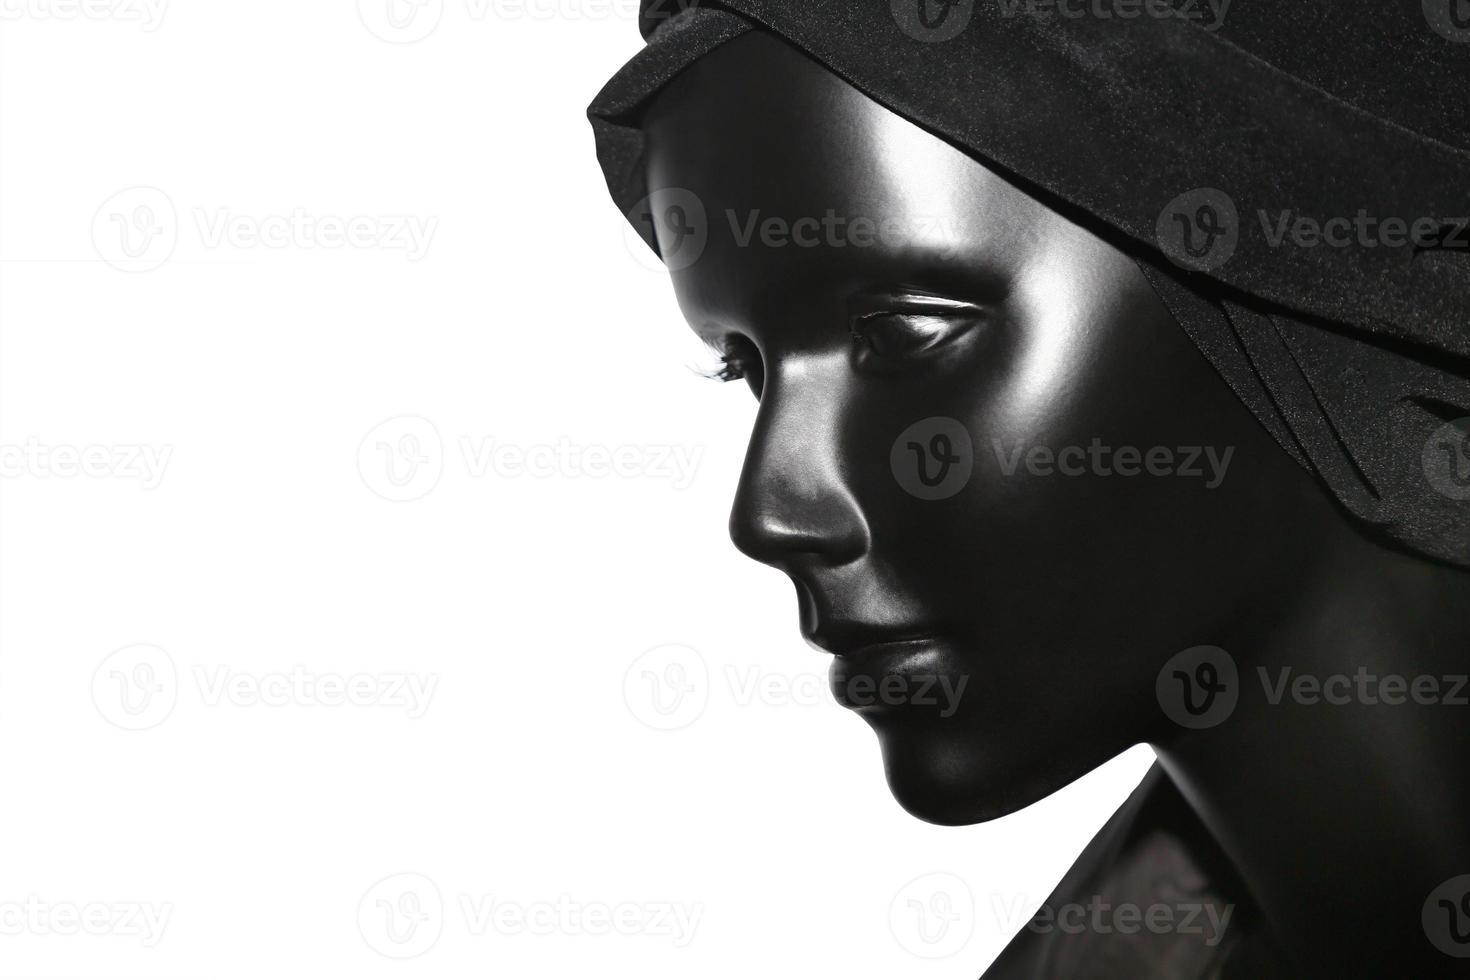 portret van een vrouw etalagepop, kleding foto